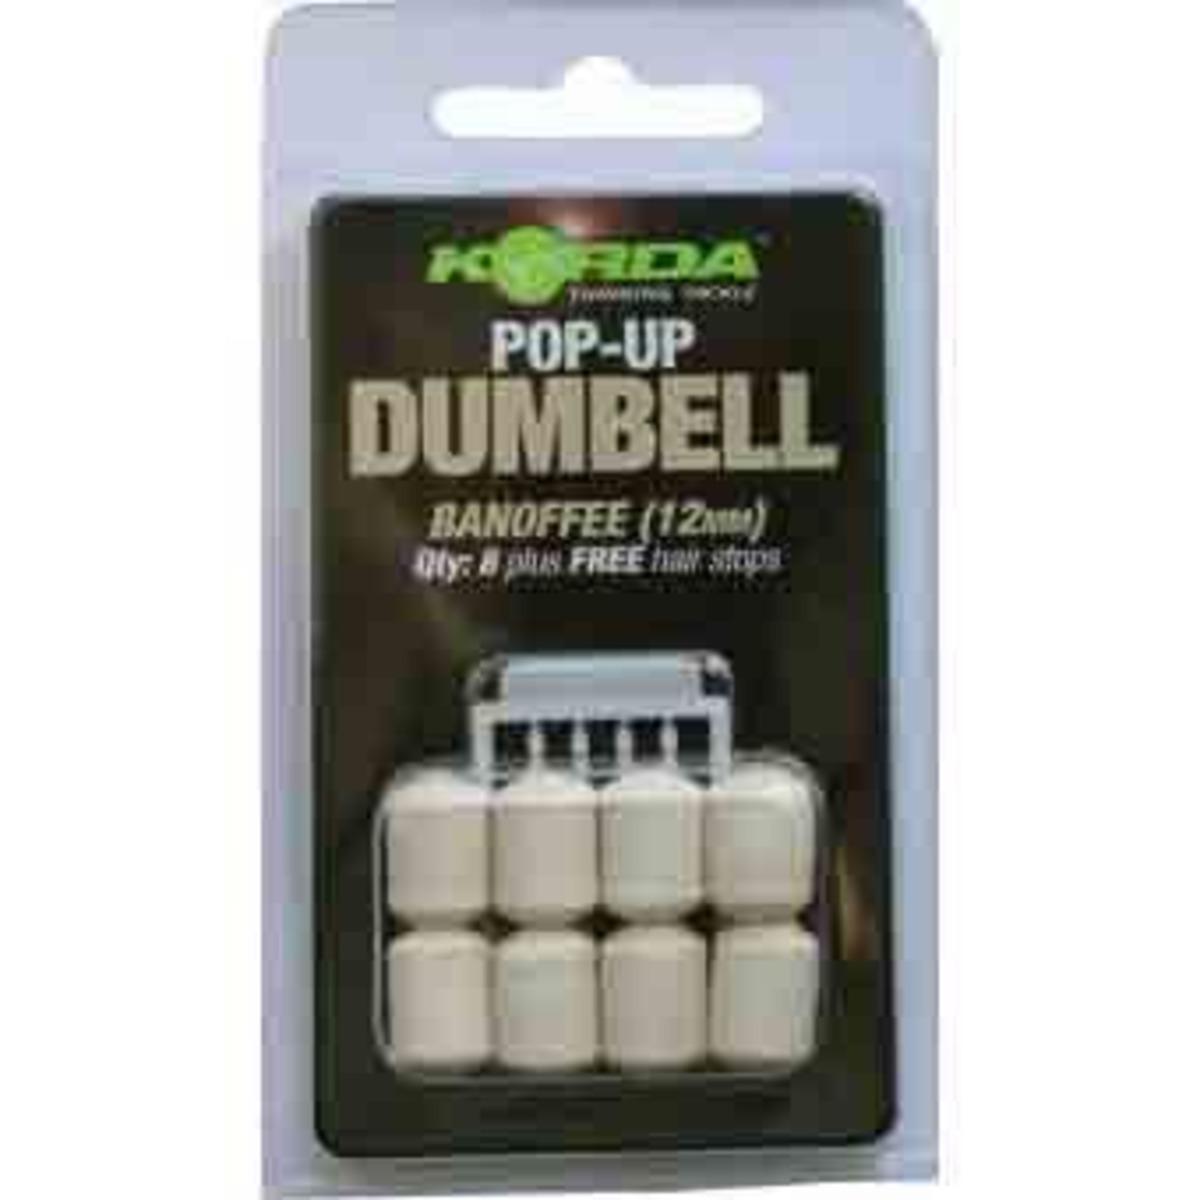 Korda Pop Up Dumbell - Banoffee 8 mm